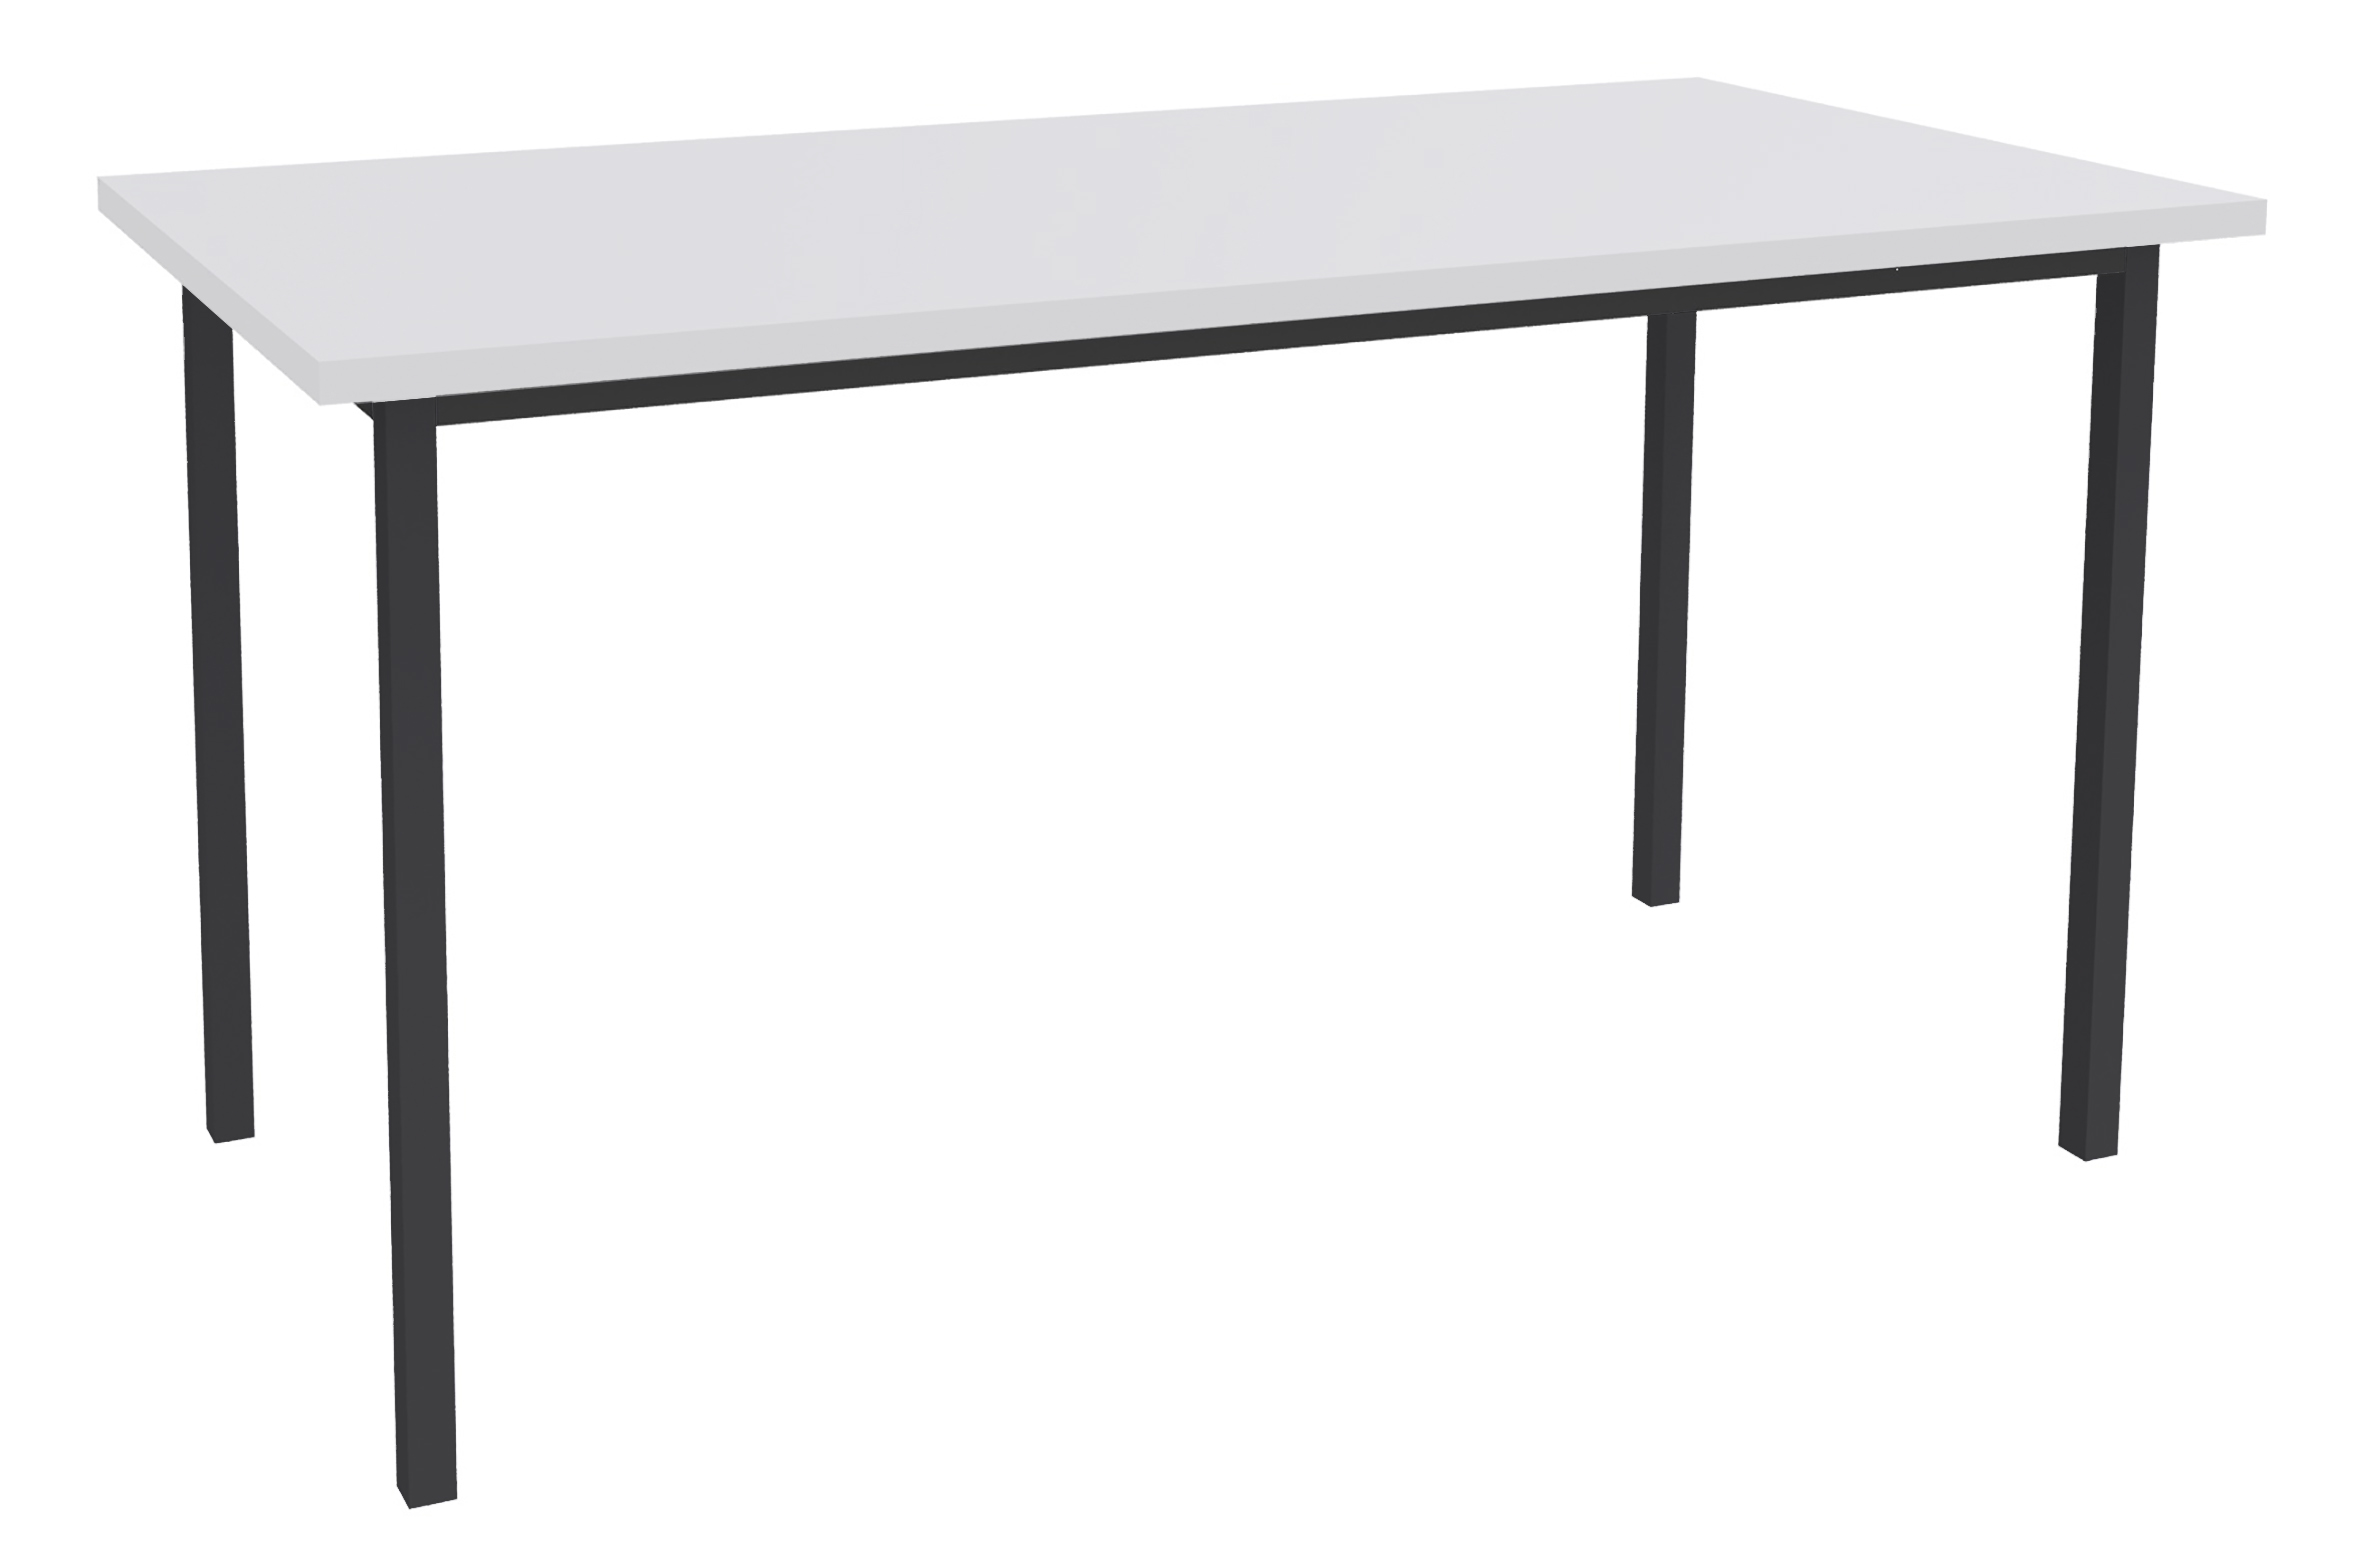 Table de réunion Rectangulaire - 160 x 80 cm - Pieds anthracite - blanc perle